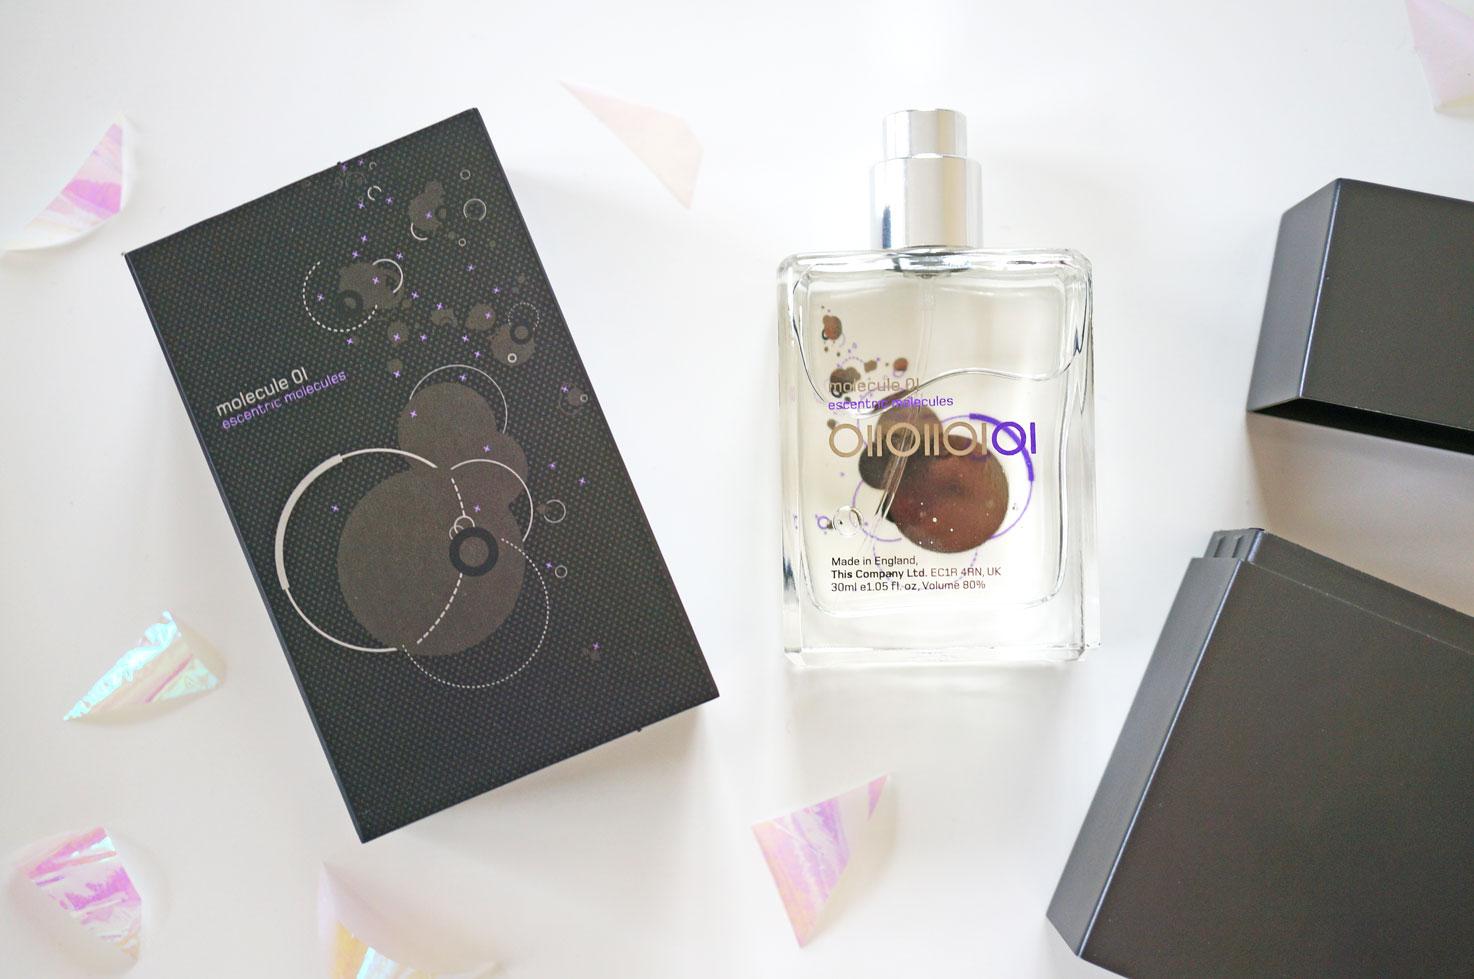 Escentric Molecules Molecule 01 perfume: description, reviews, photos 57